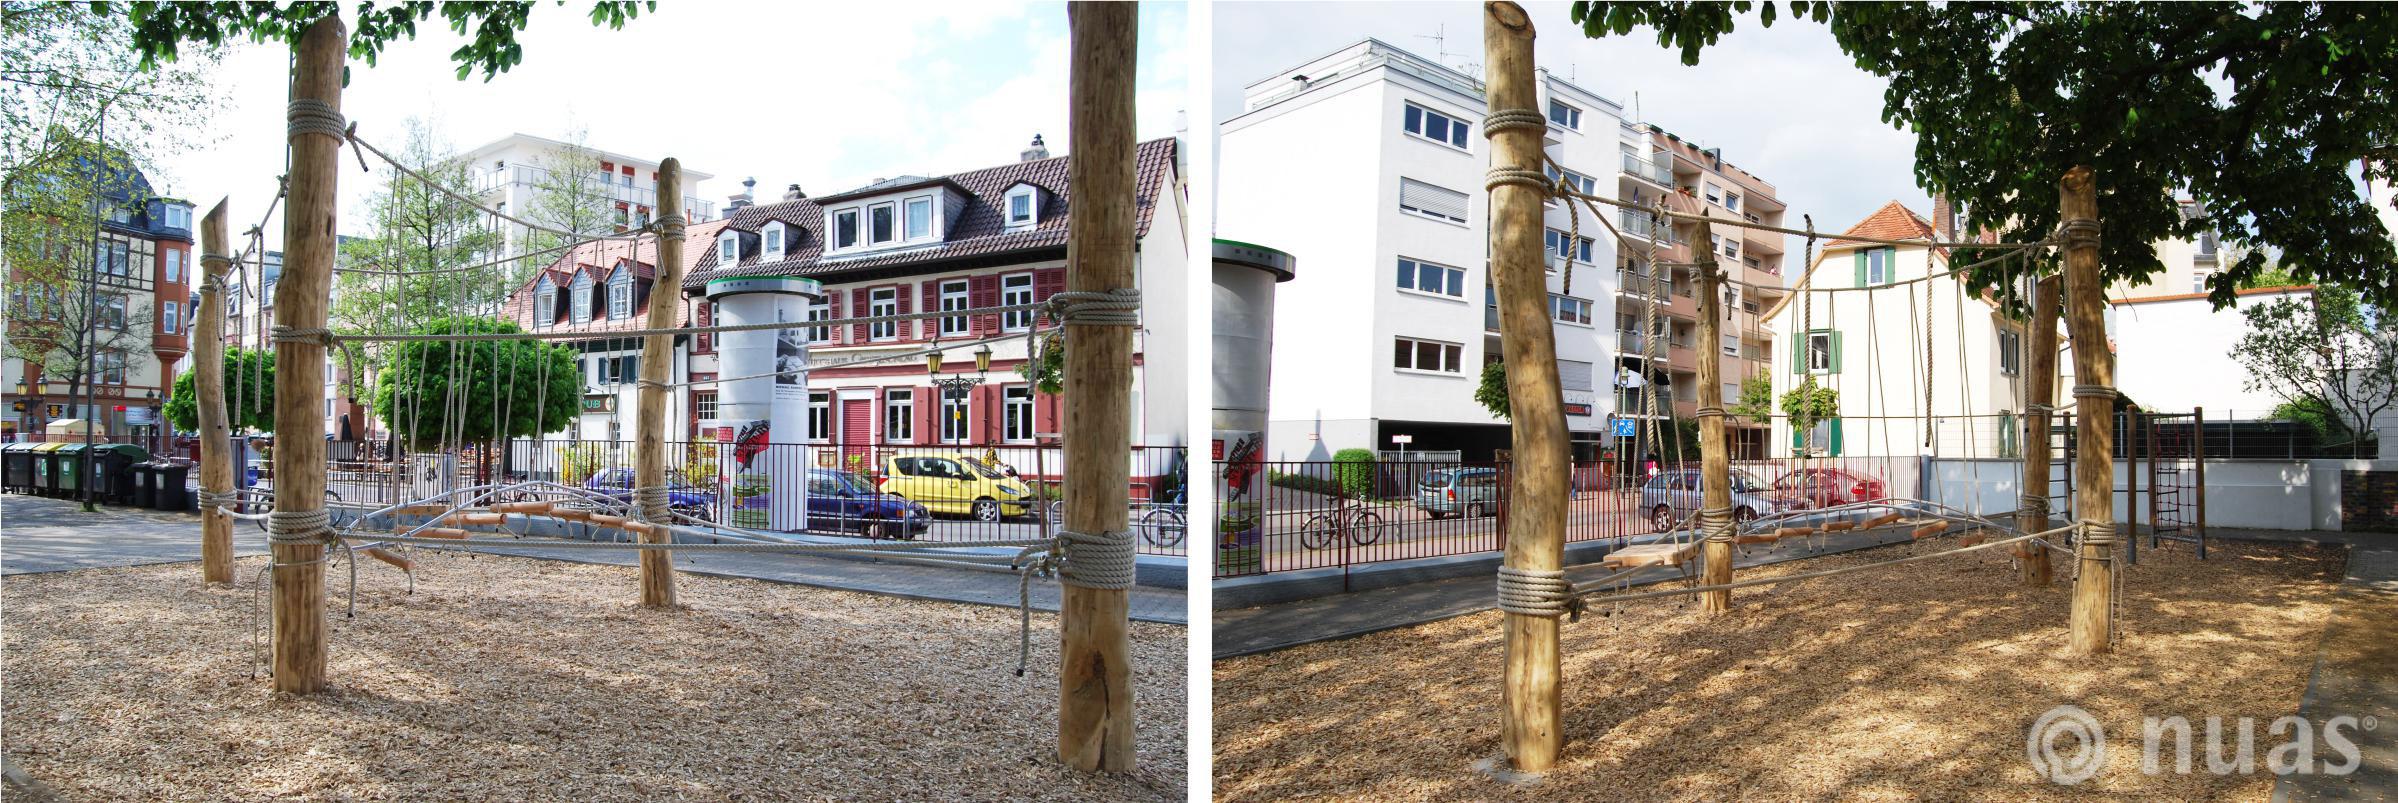 nuas Seillandschaft Kirchnerschule Frankfurt Bornheim